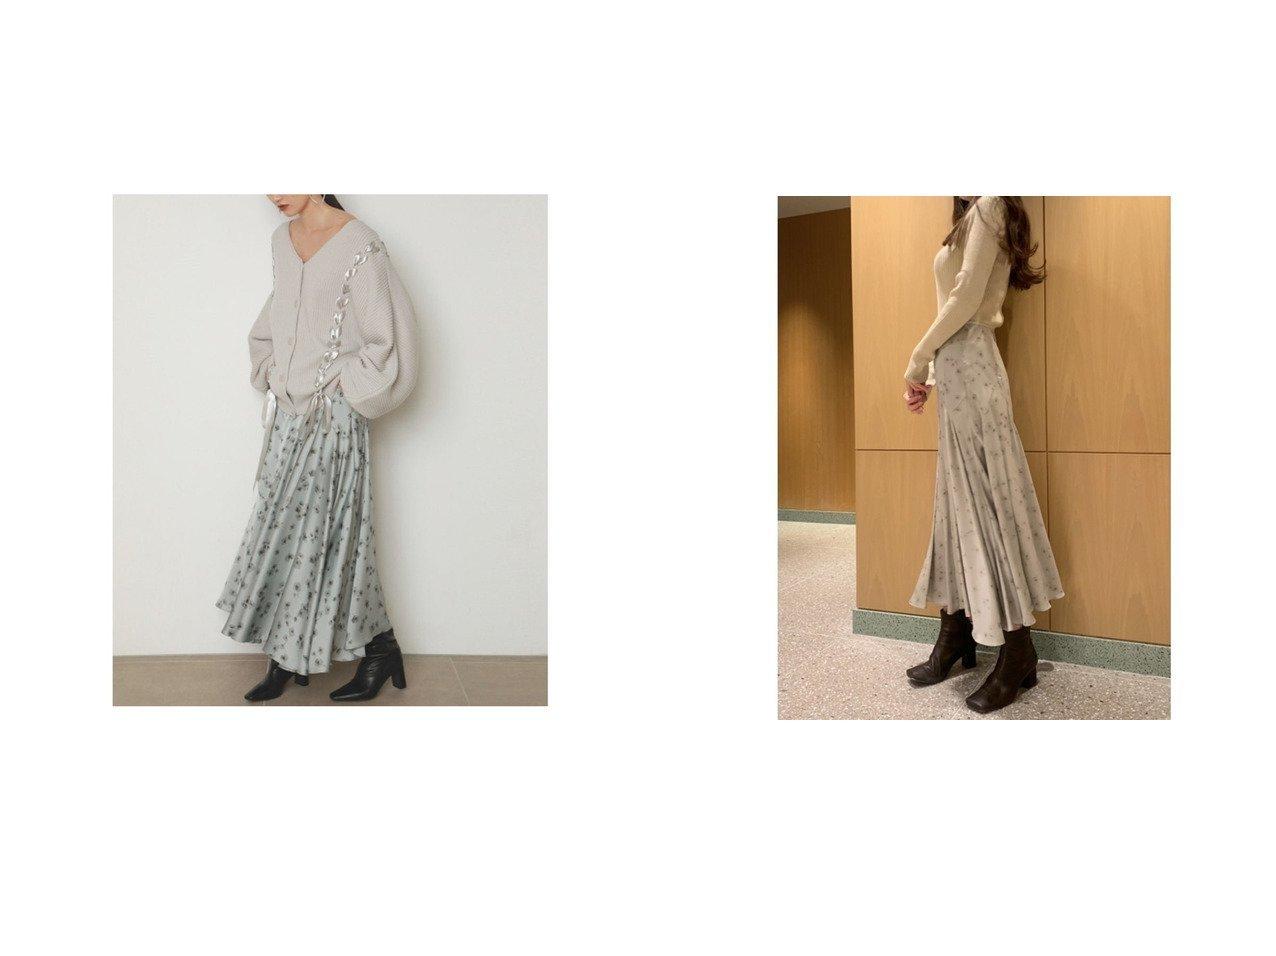 【SNIDEL/スナイデル】のサテンプリントスカート スカートのおすすめ!人気、トレンド・レディースファッションの通販 おすすめで人気の流行・トレンド、ファッションの通販商品 メンズファッション・キッズファッション・インテリア・家具・レディースファッション・服の通販 founy(ファニー) https://founy.com/ ファッション Fashion レディースファッション WOMEN スカート Skirt サテン スマート パープル フレア プリント 冬 Winter 2020年 2020 2020-2021 秋冬 A/W AW Autumn/Winter / FW Fall-Winter 2020-2021 |ID:crp329100000011747